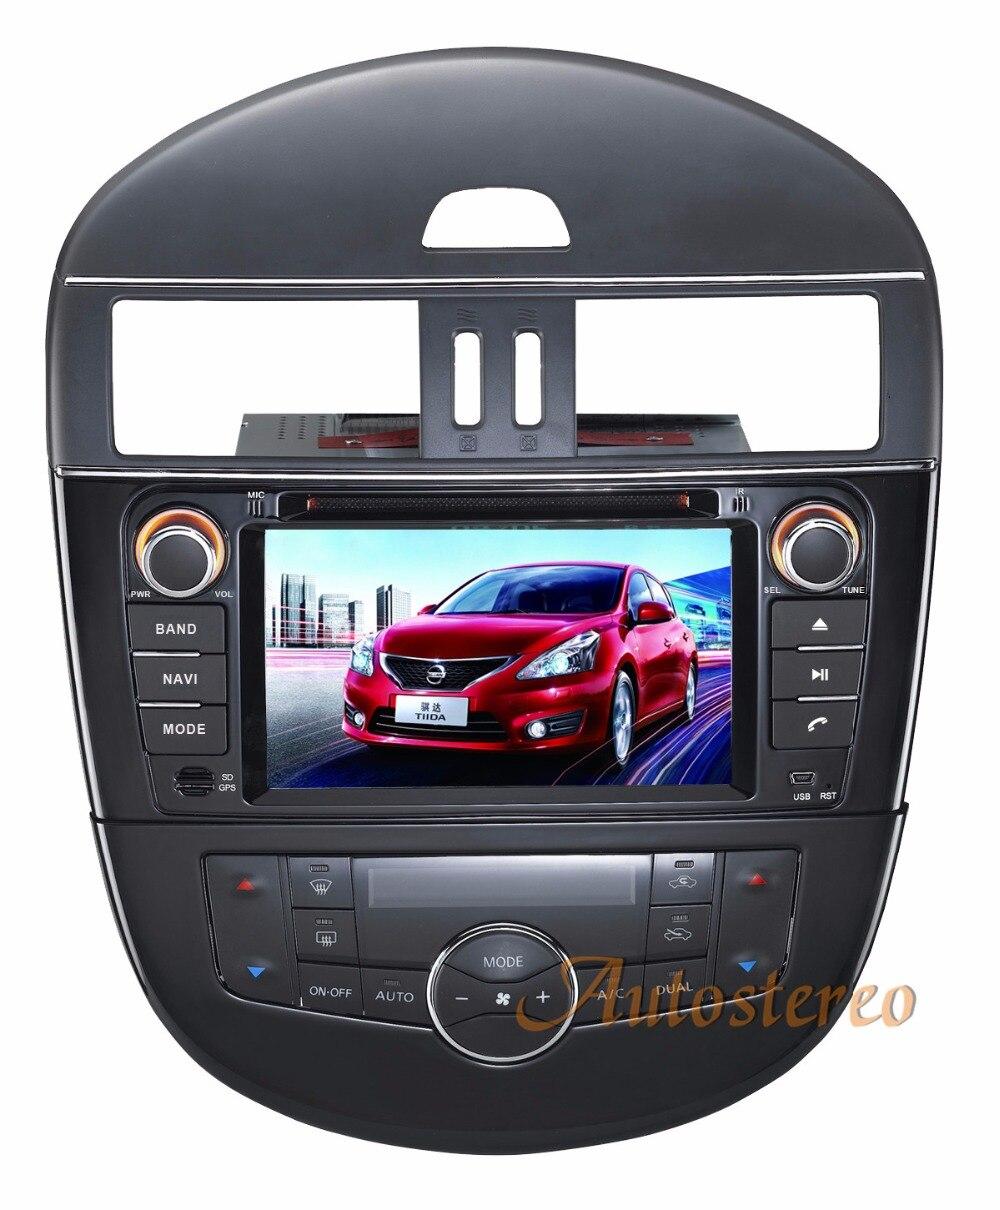 Il Più Nuovo Android 7.1 di Navigazione GPS Per Auto Lettore DVD Per NISSAN Nissan Tiida Versa 2011-2017 auto stereo multimediale radio pad